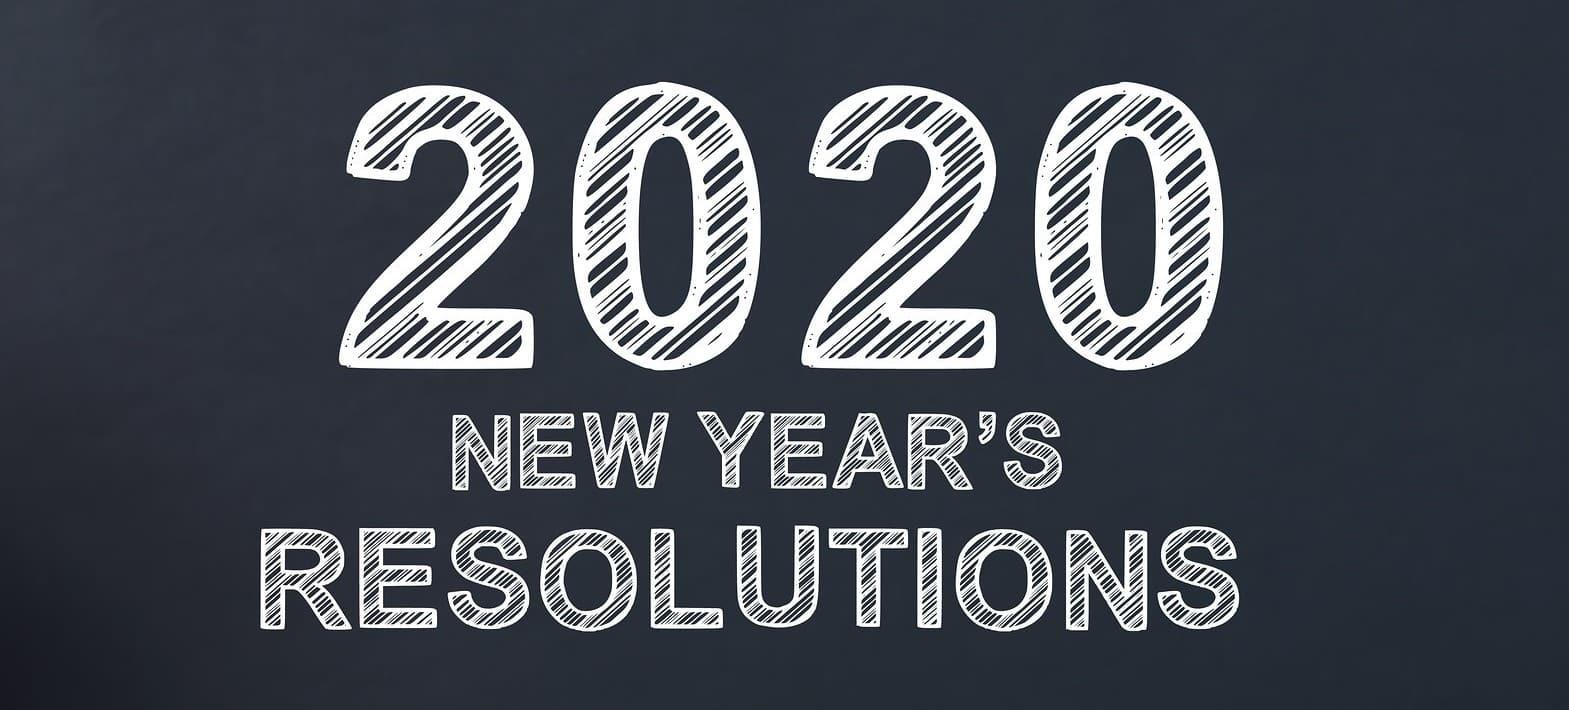 2020 New Years Resolutions written on a blackboard